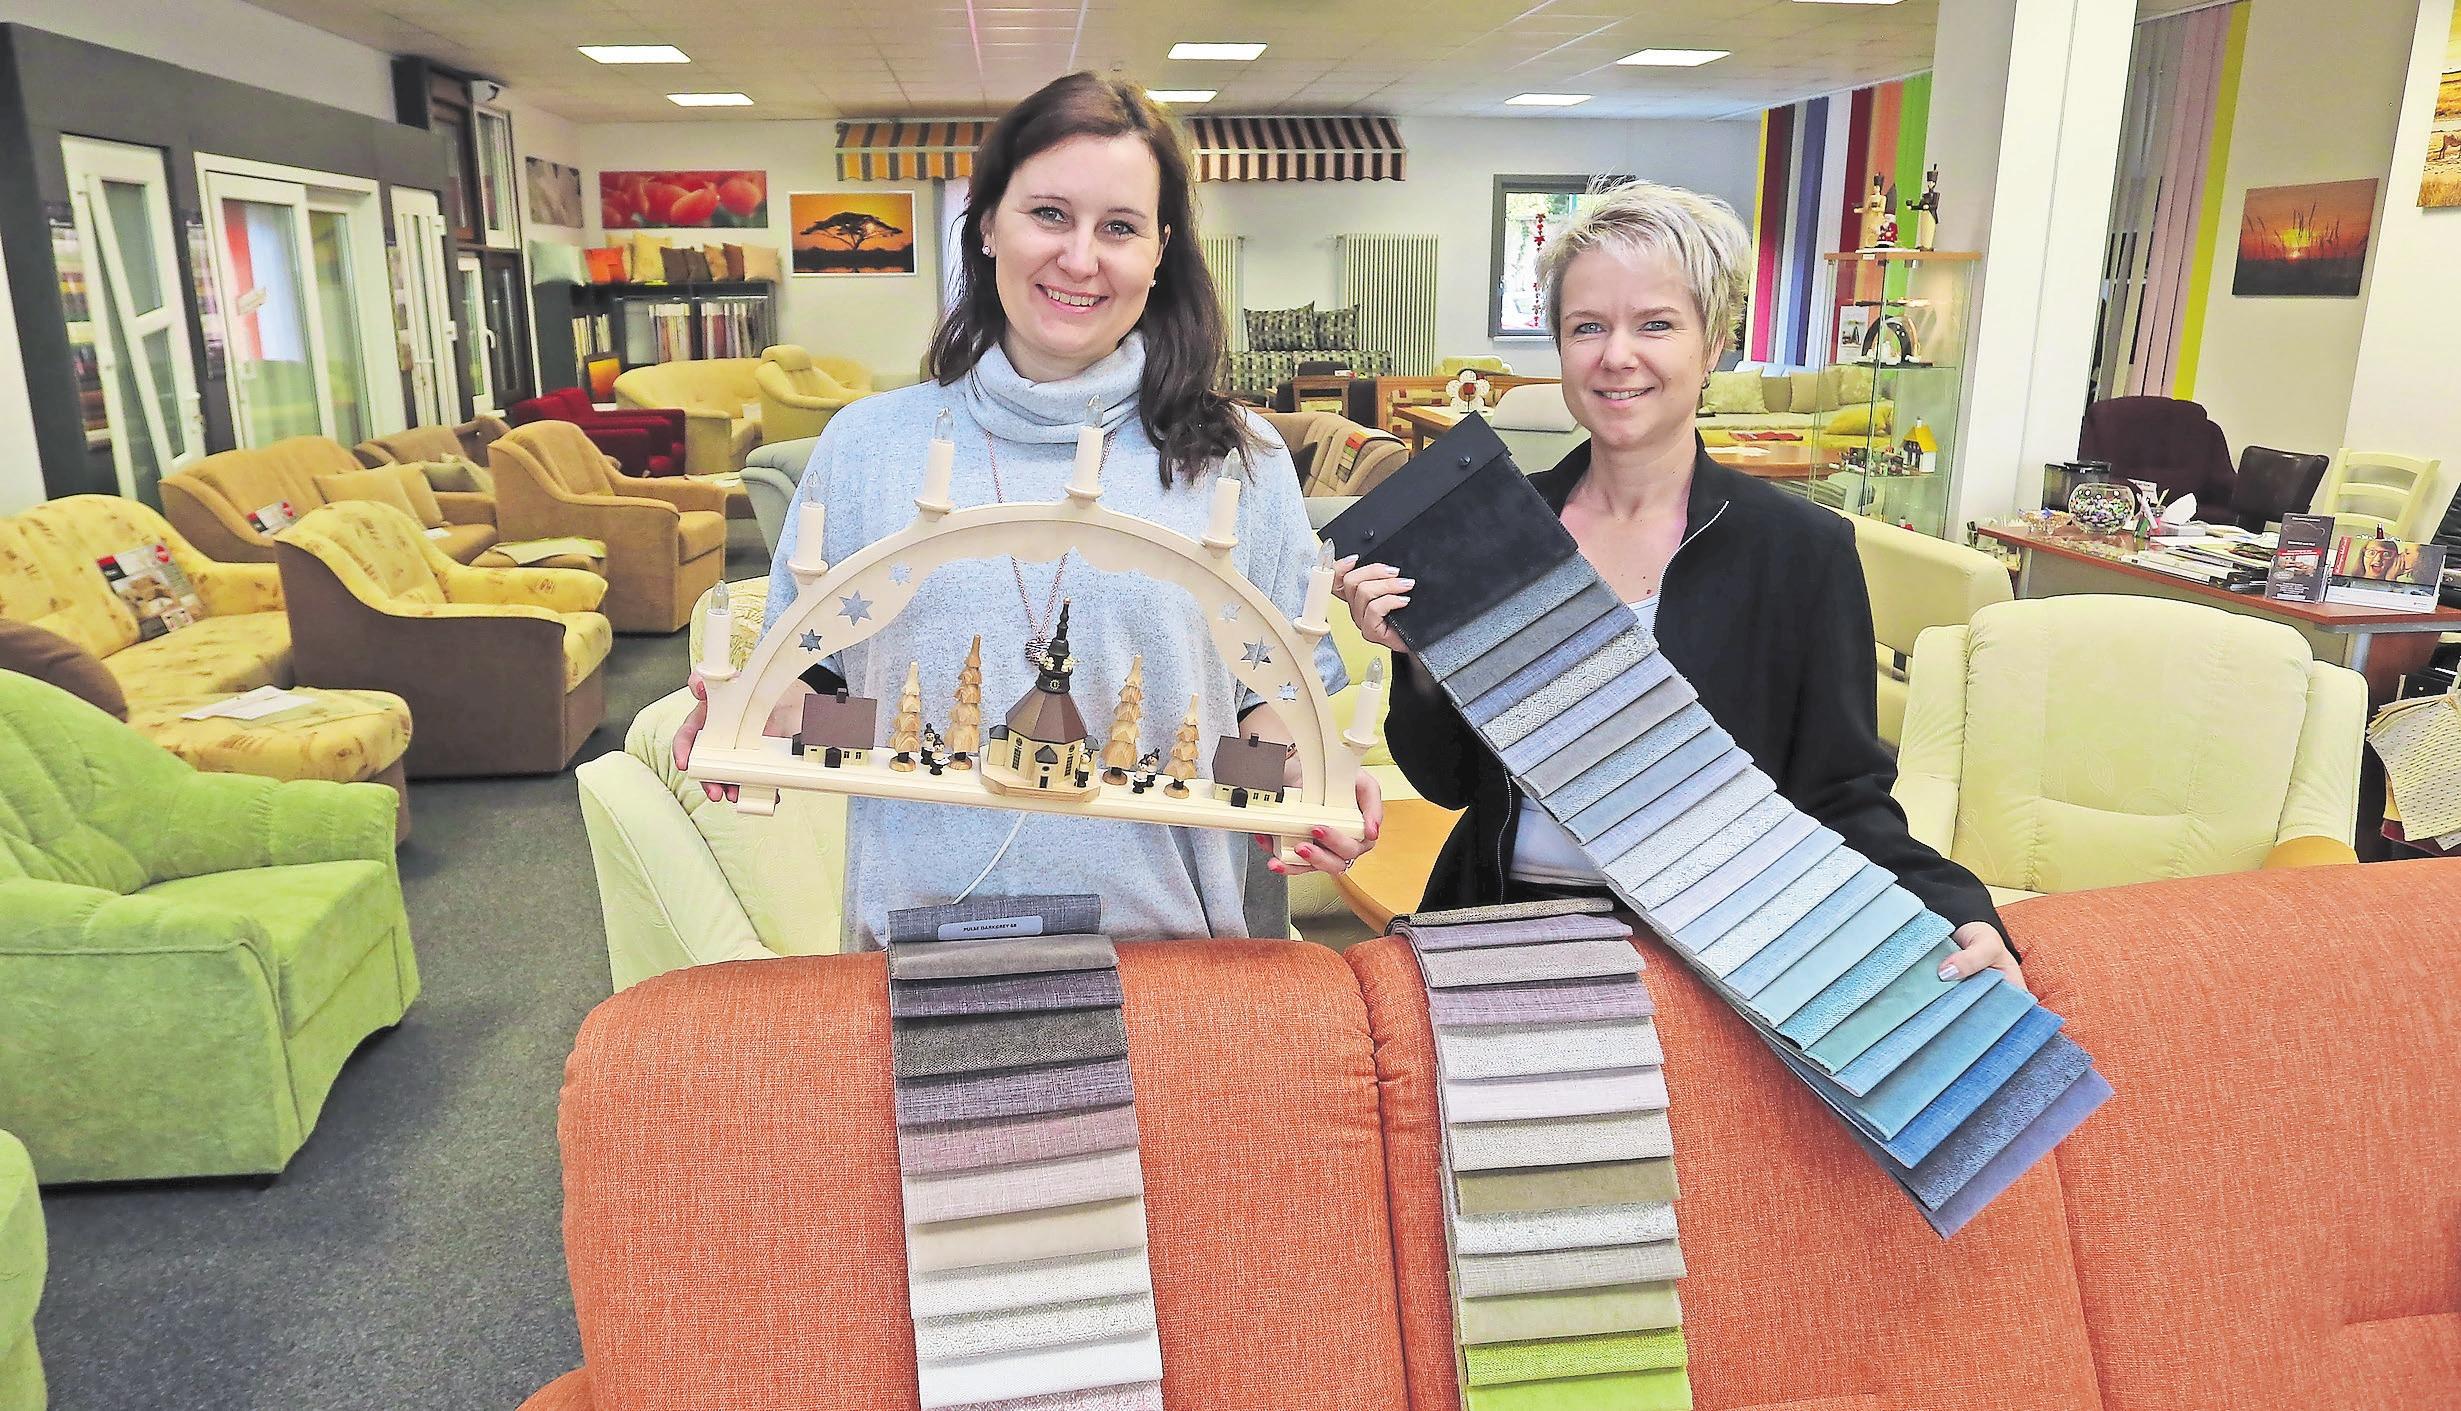 Handwerk aus dem Erzgebirge: Peggy Wede (links) und Peggy Riedel präsentieren Polstermöbel und Schwibbogen. Foto: André Kempner